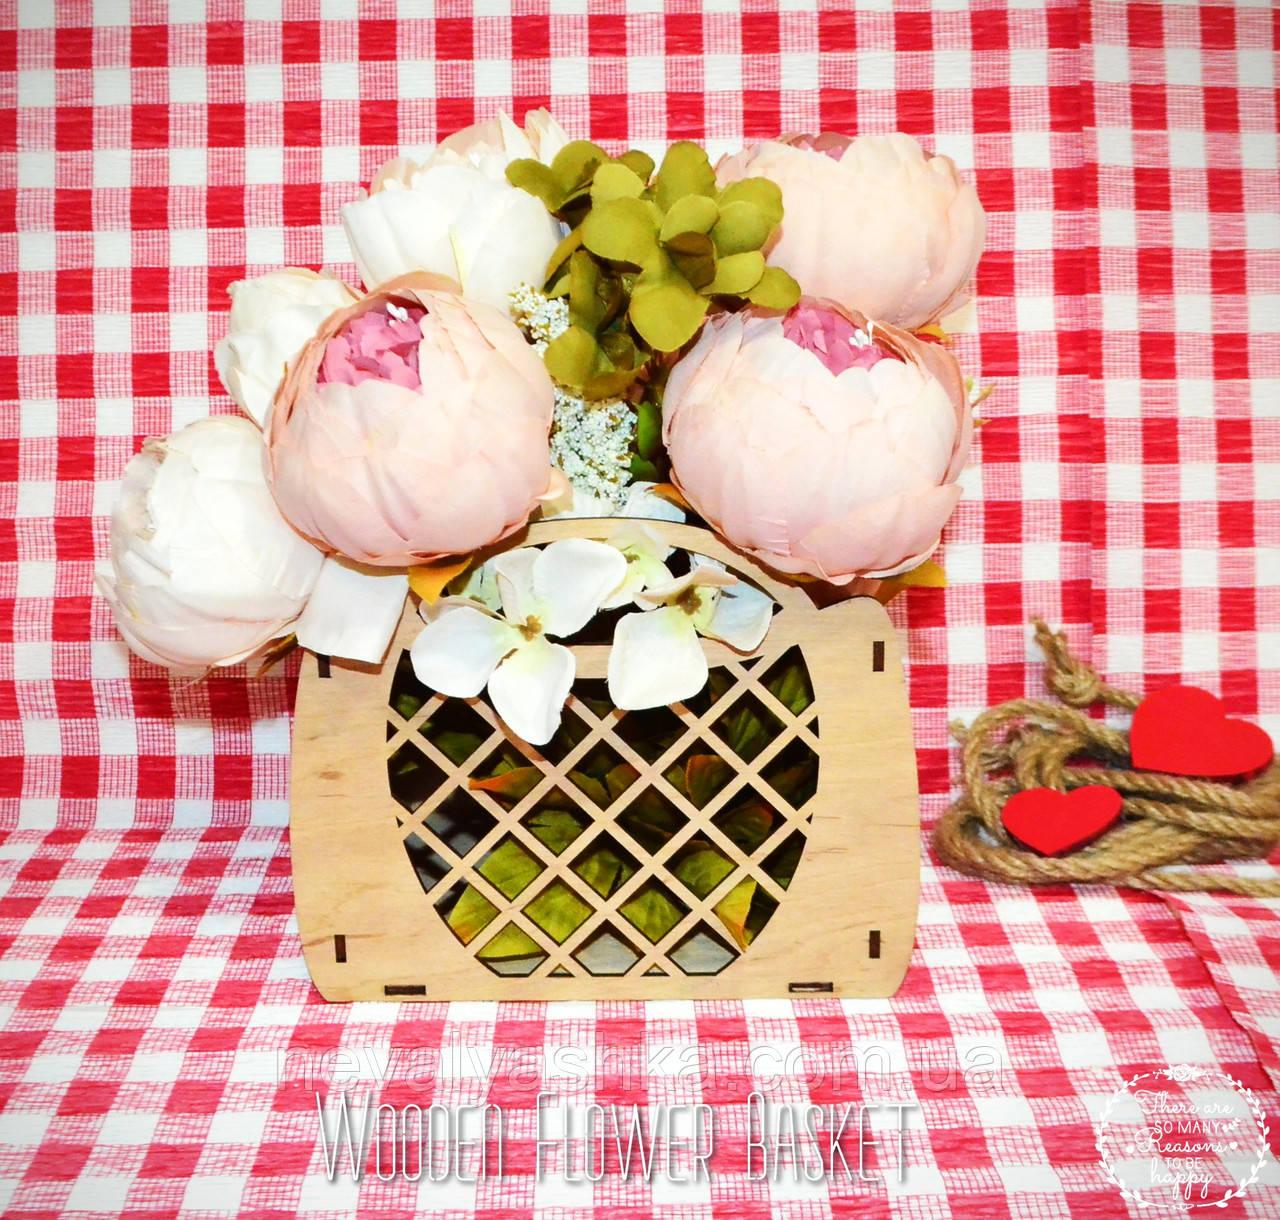 Декоративная Деревянная Корзинка Маленькая для оформления цветов букетов дерев'яна корзина для квітів